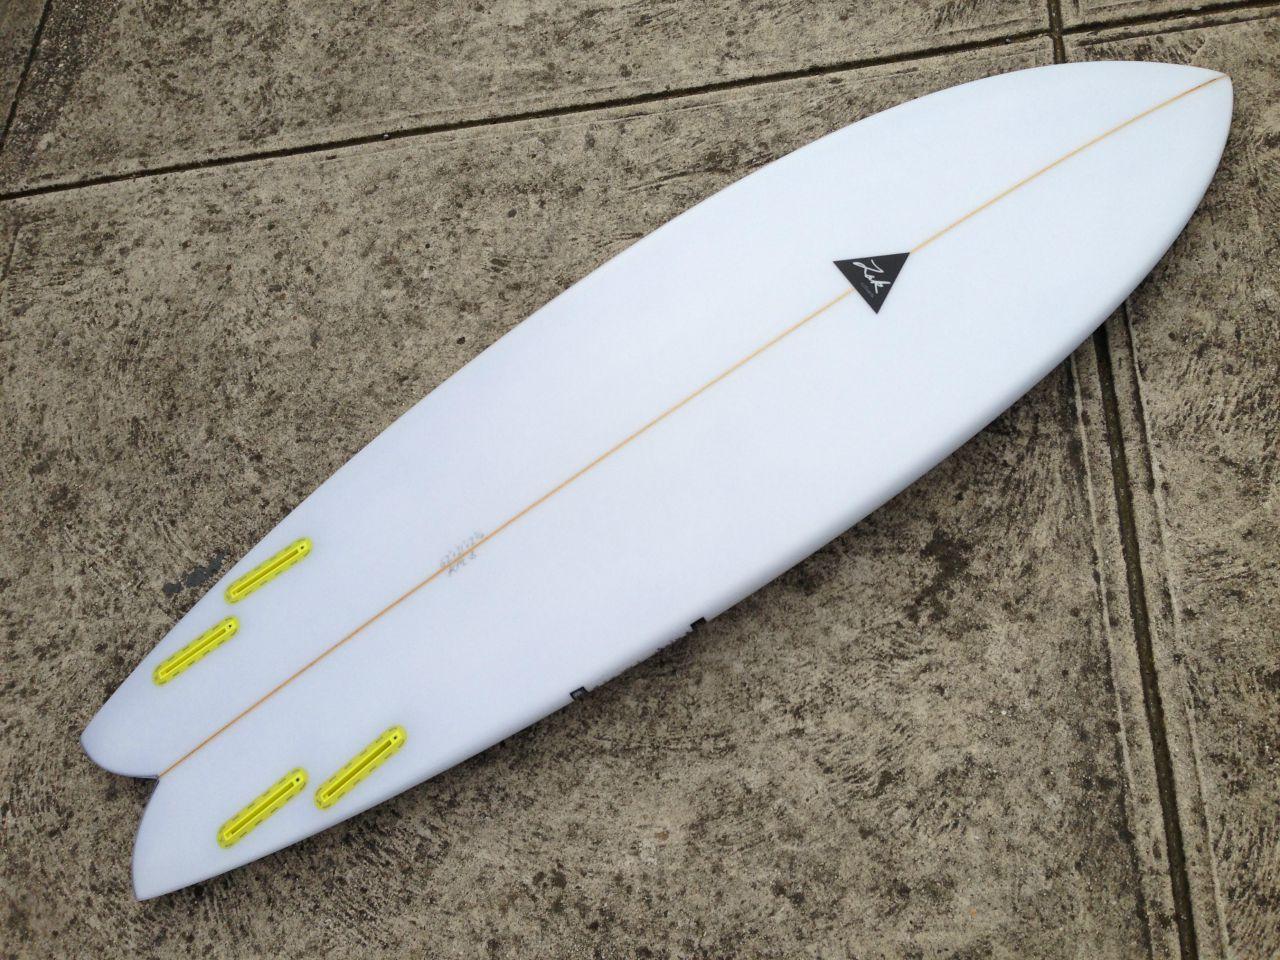 Demo Surfboards Zak Lobster Boy